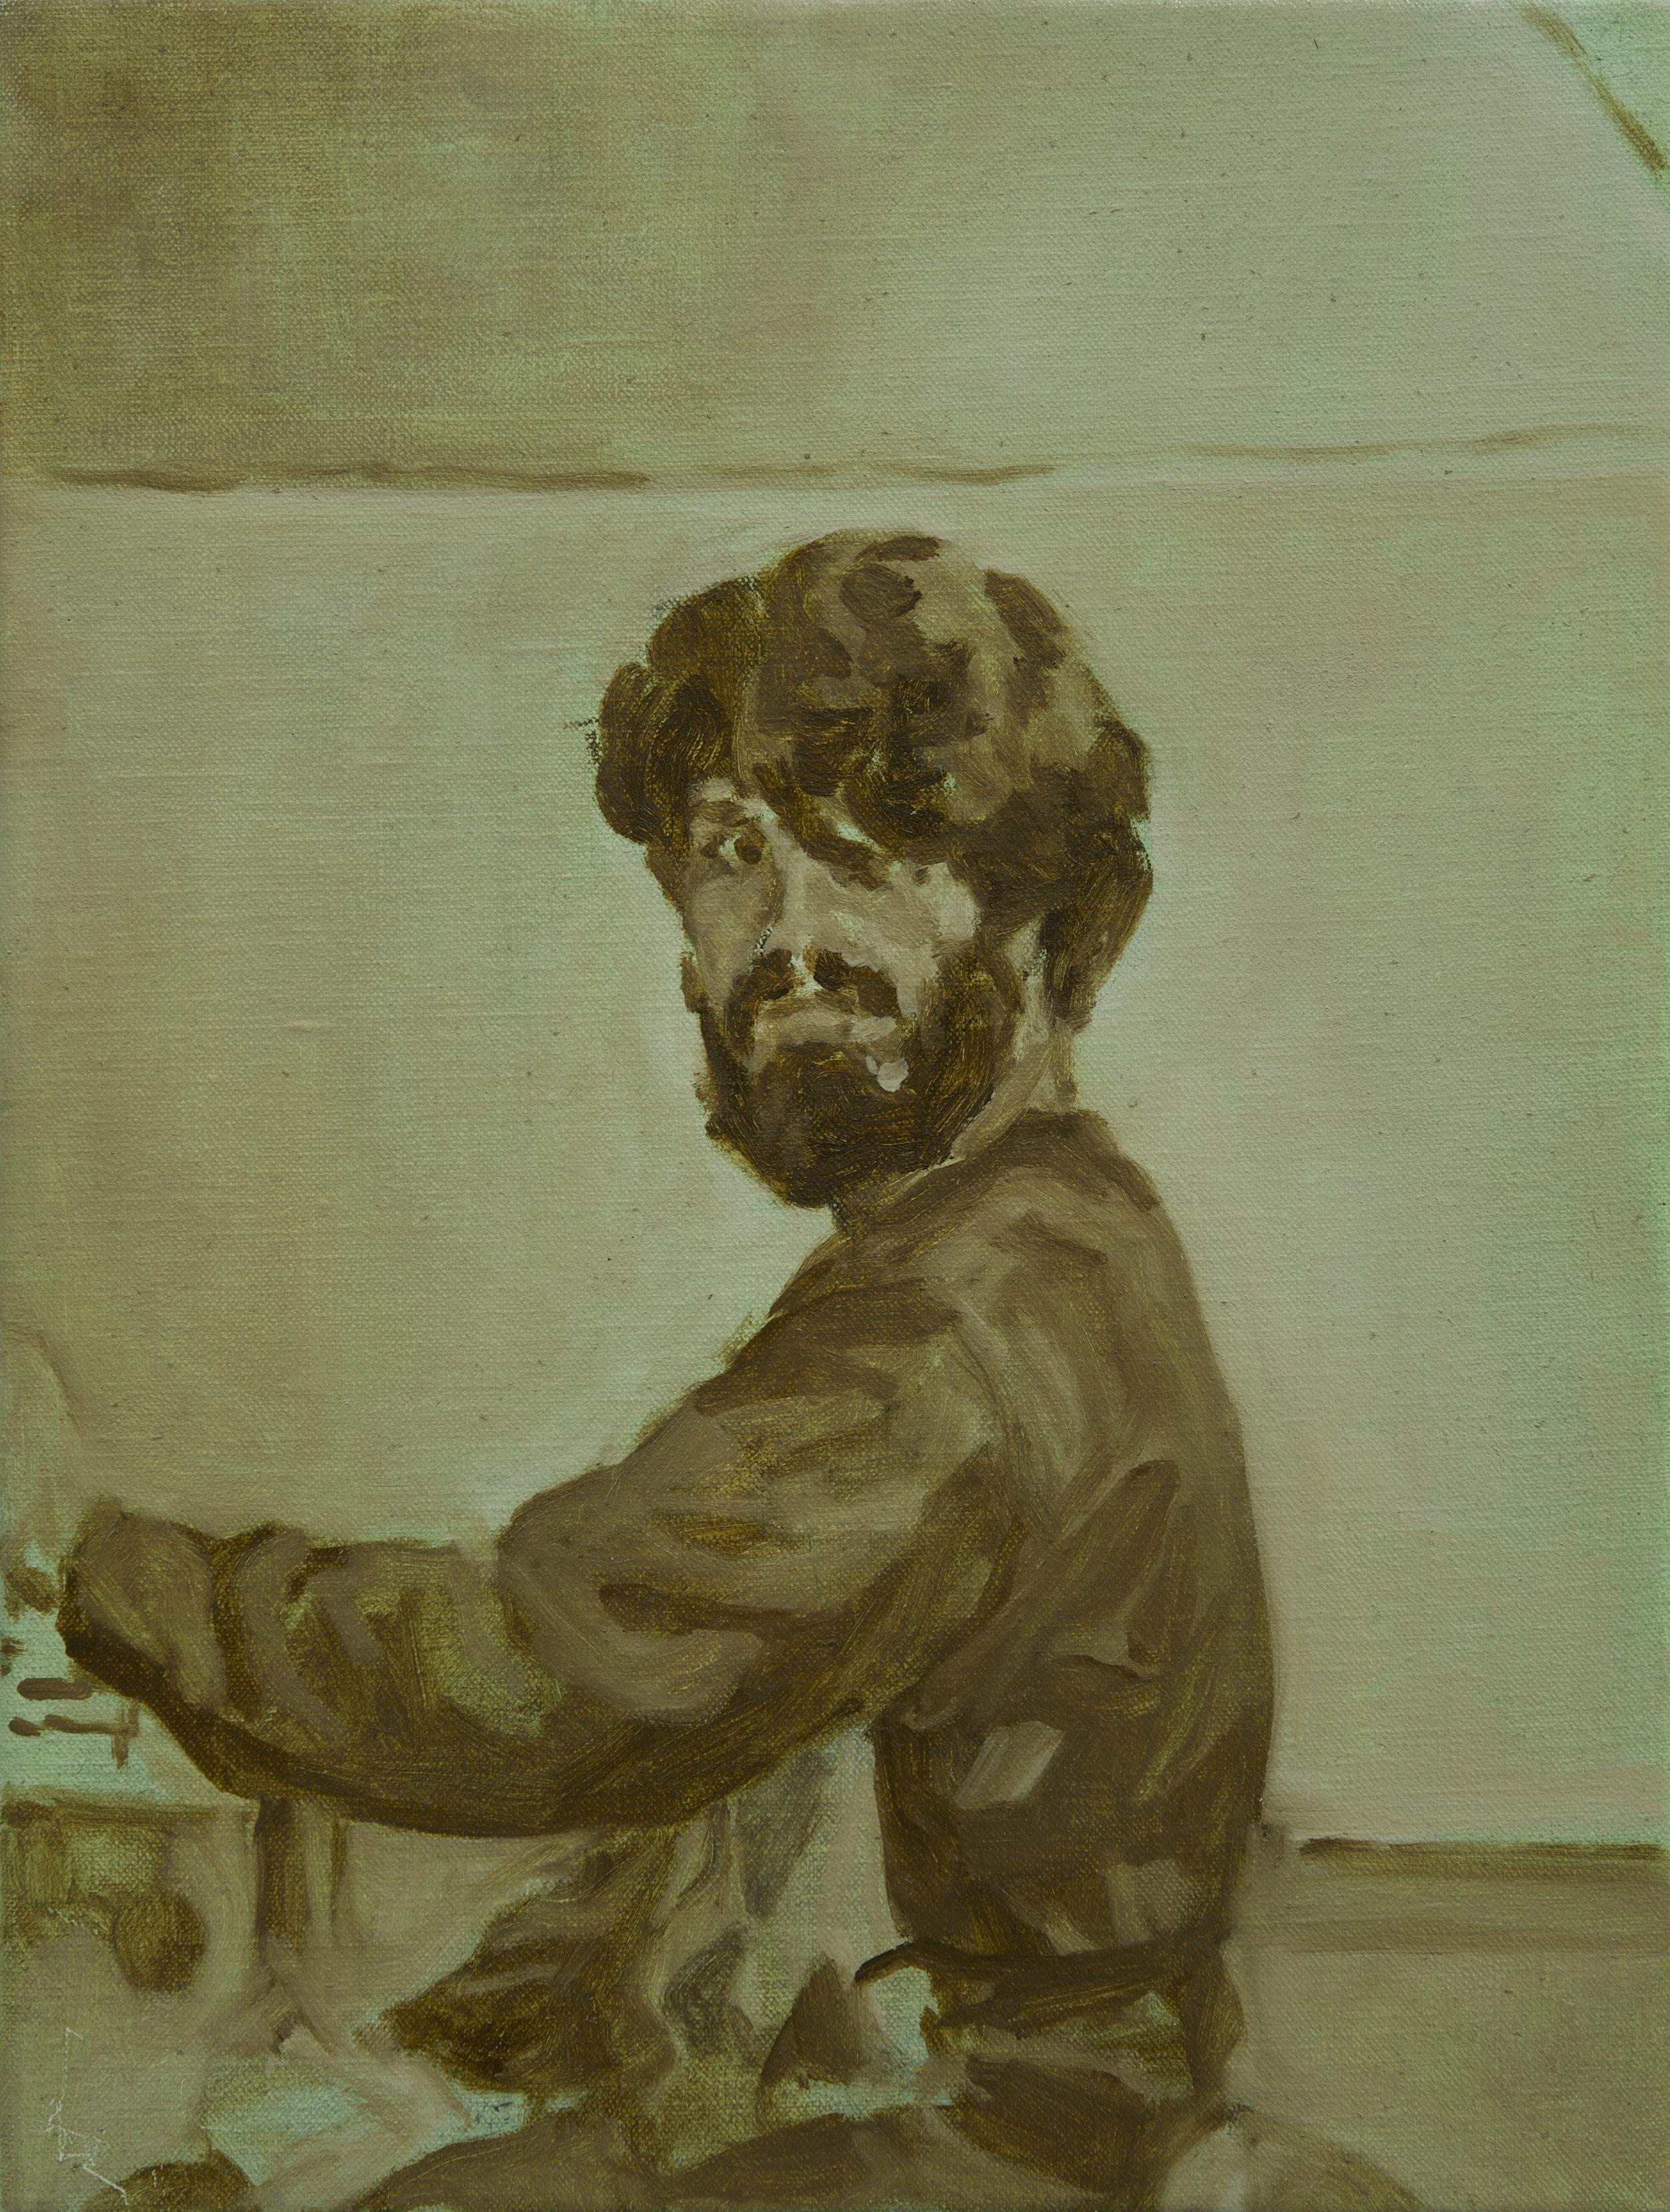 Self Portrait, 40 x 30 cm, oil on linen